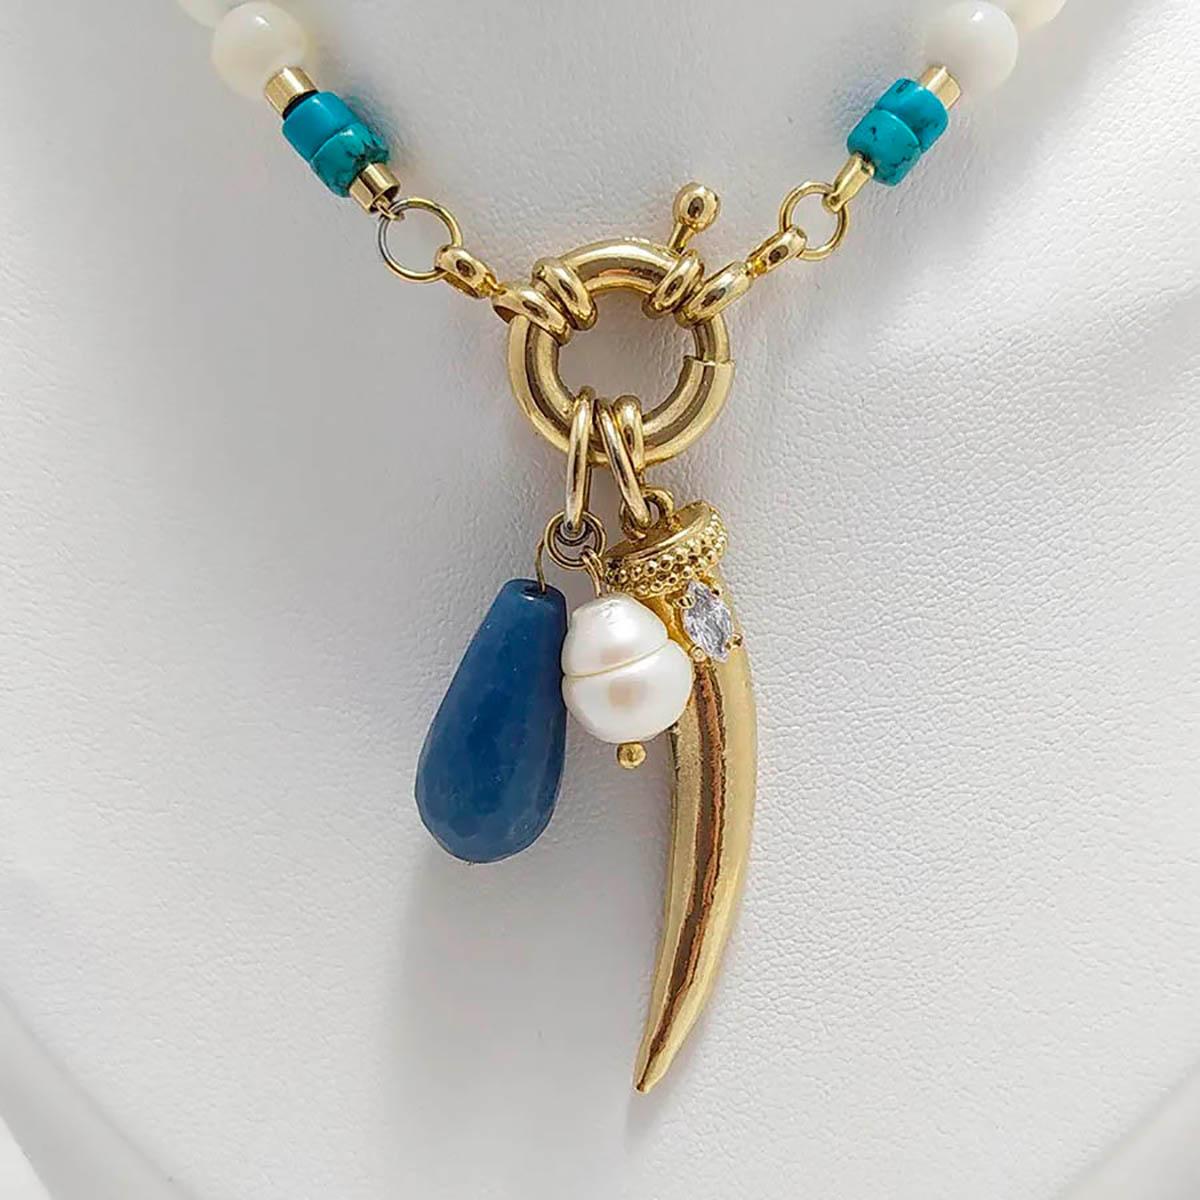 Colar em pérola barroca e pedras azuis com pingente de dente de sabre